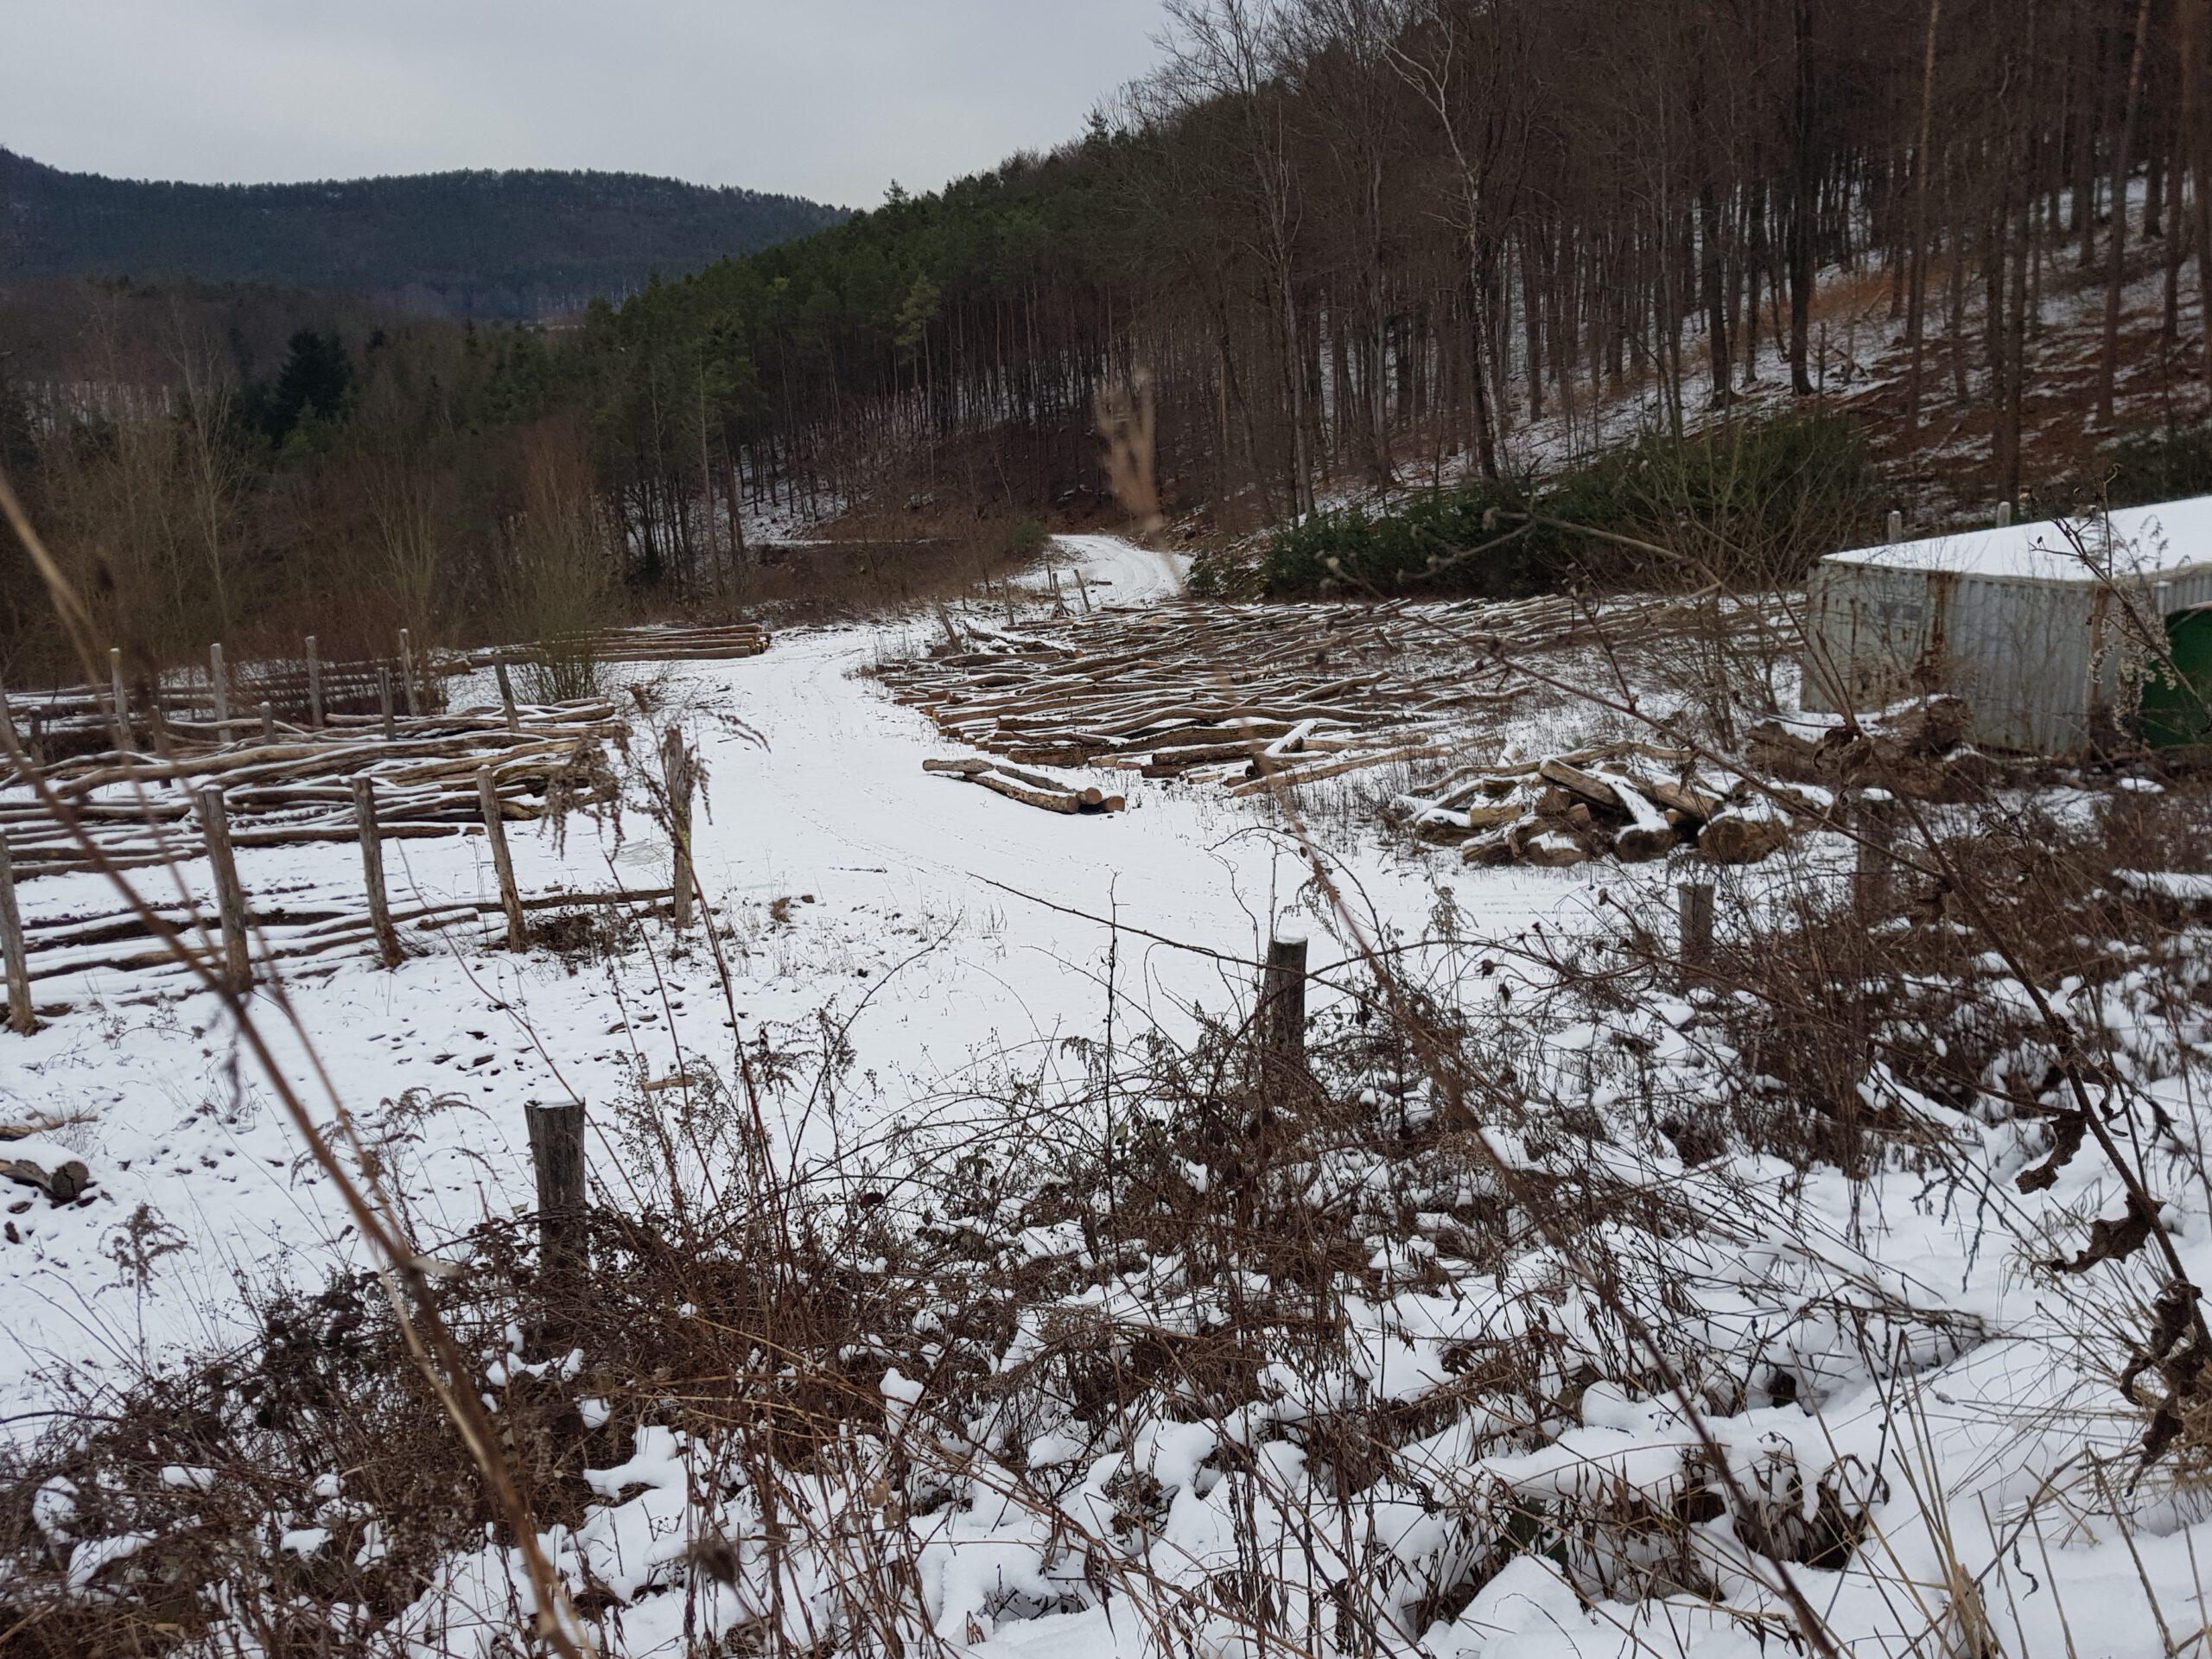 Holzlagerplätze sind notwendig. Trifels Natur GmbH lässt Angelegenheit vor dem Verwaltungsgericht prüfen